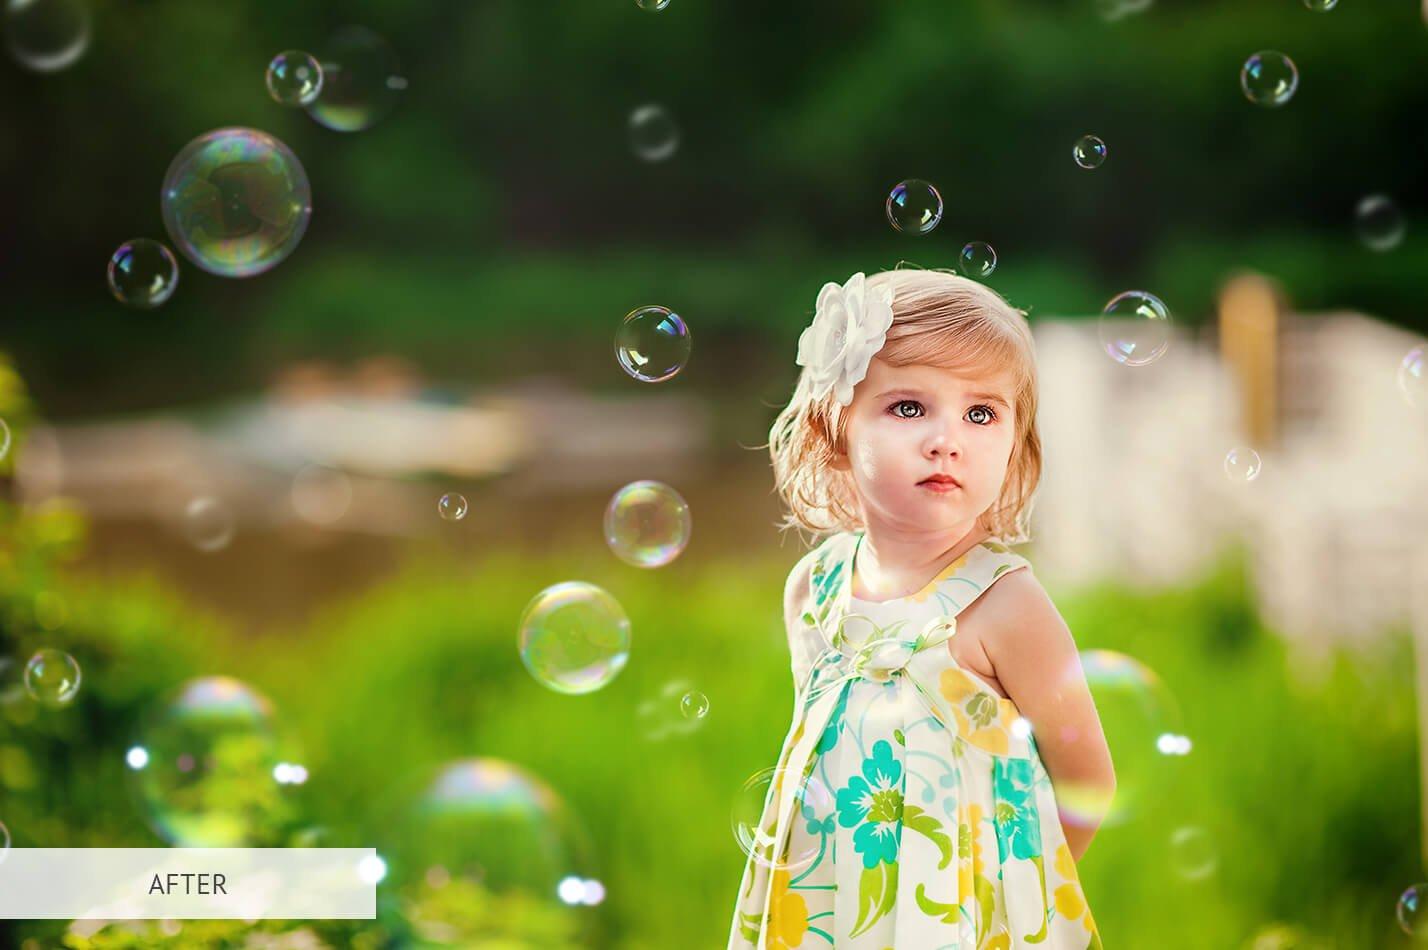 20个高清气泡PS图层叠加背景图片素材 Bubbles Overlays Photoshop插图(15)